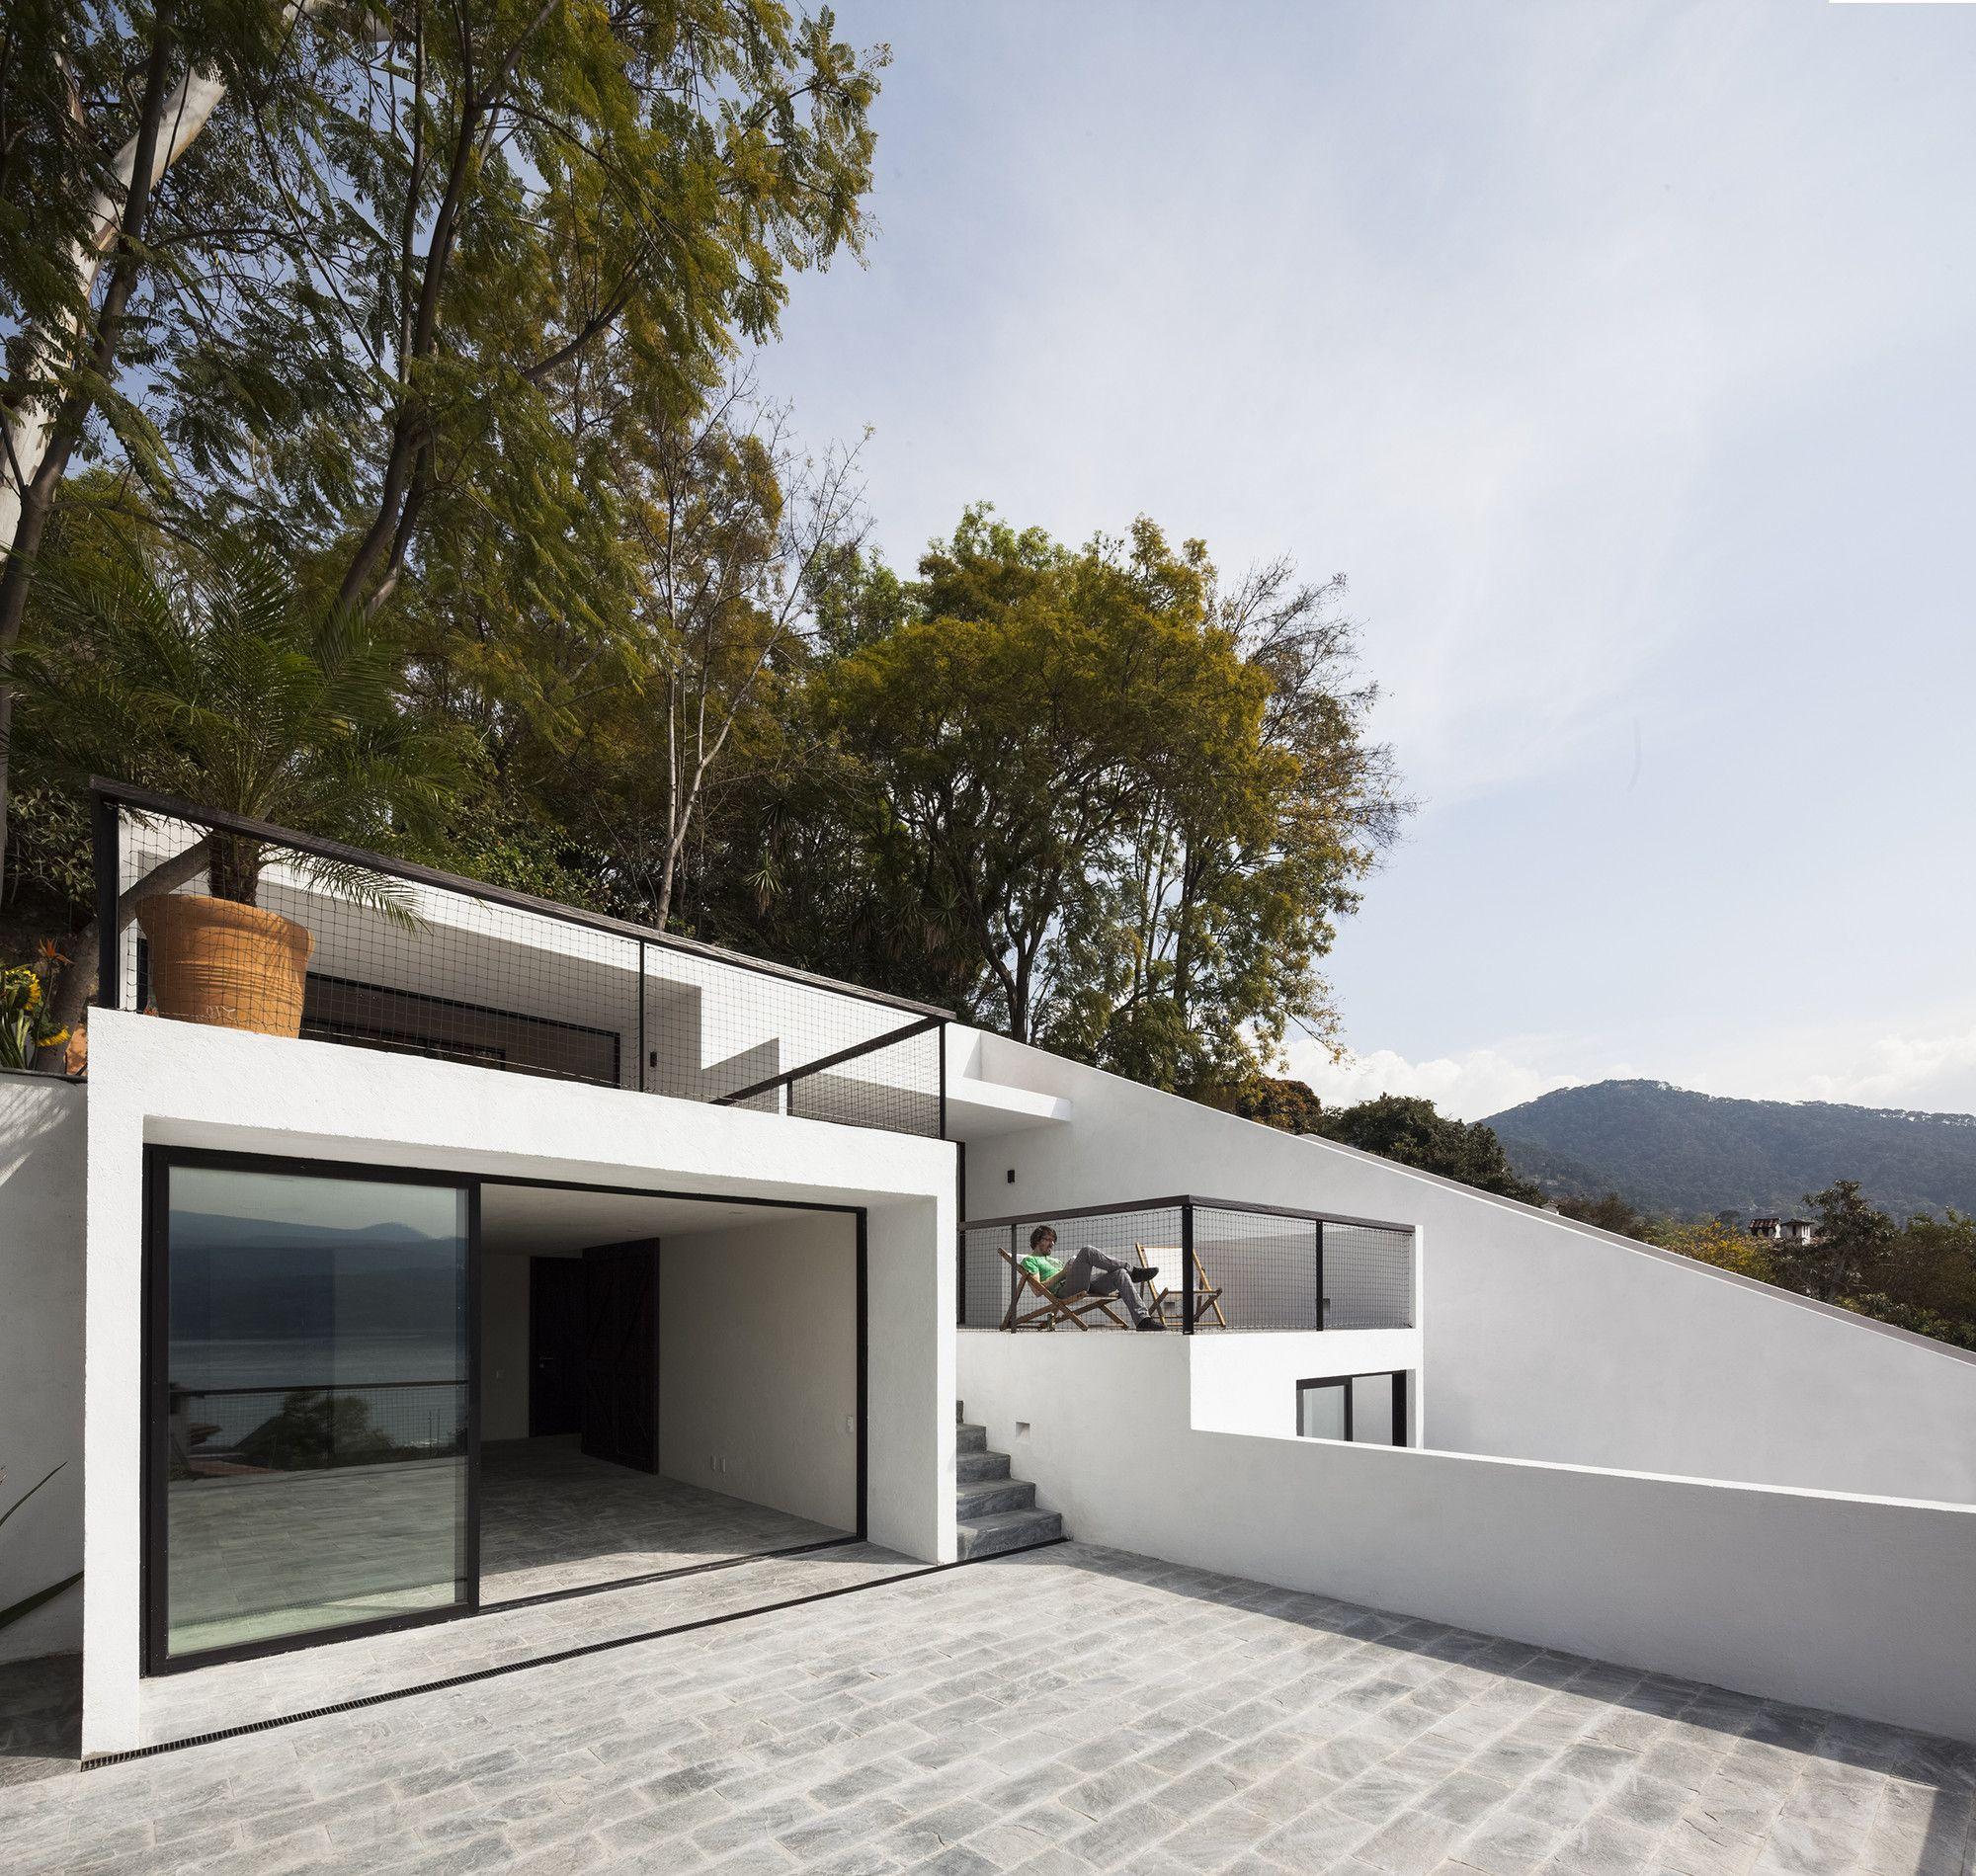 Dellekamp arquitectos casa de escaleras valle de bravo - Escaleras para casa ...